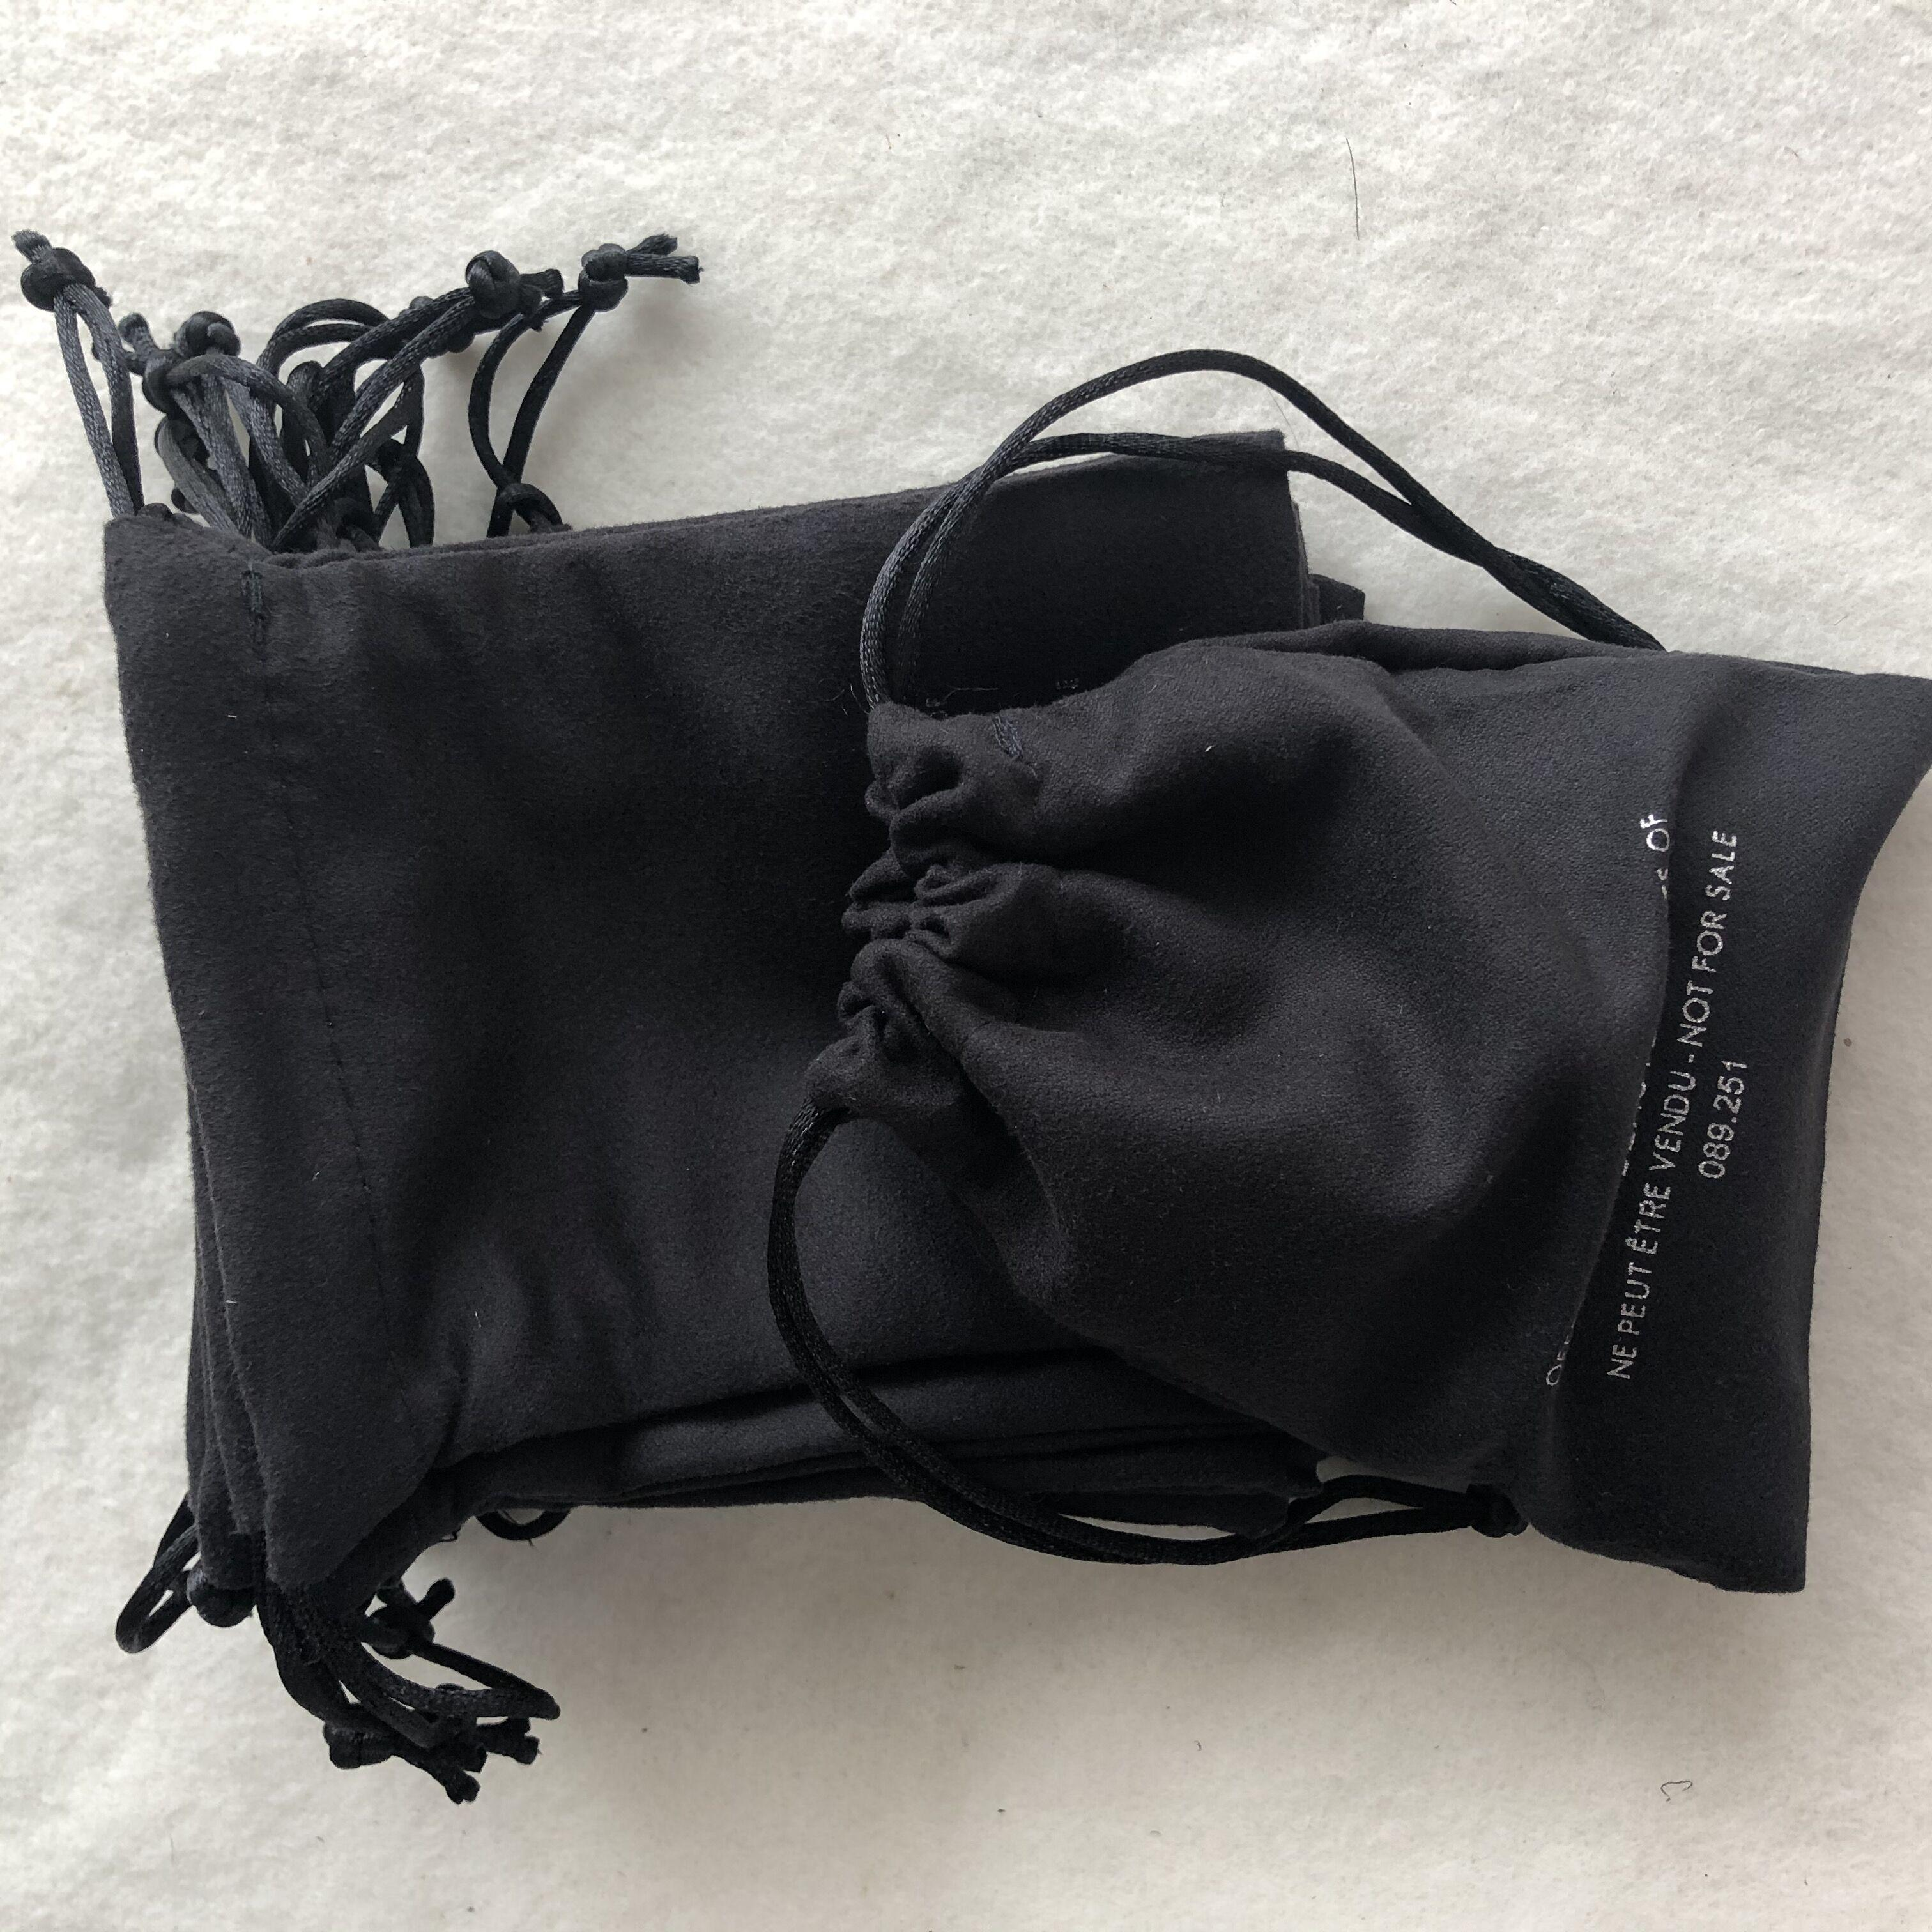 13x10cm 블랙 헝겊 먼지 가방 패션 포장 2C 패키지 쥬얼리 더블 사이드 프린트 스토리지 케이스 용 2C 패키지 문자열 가방